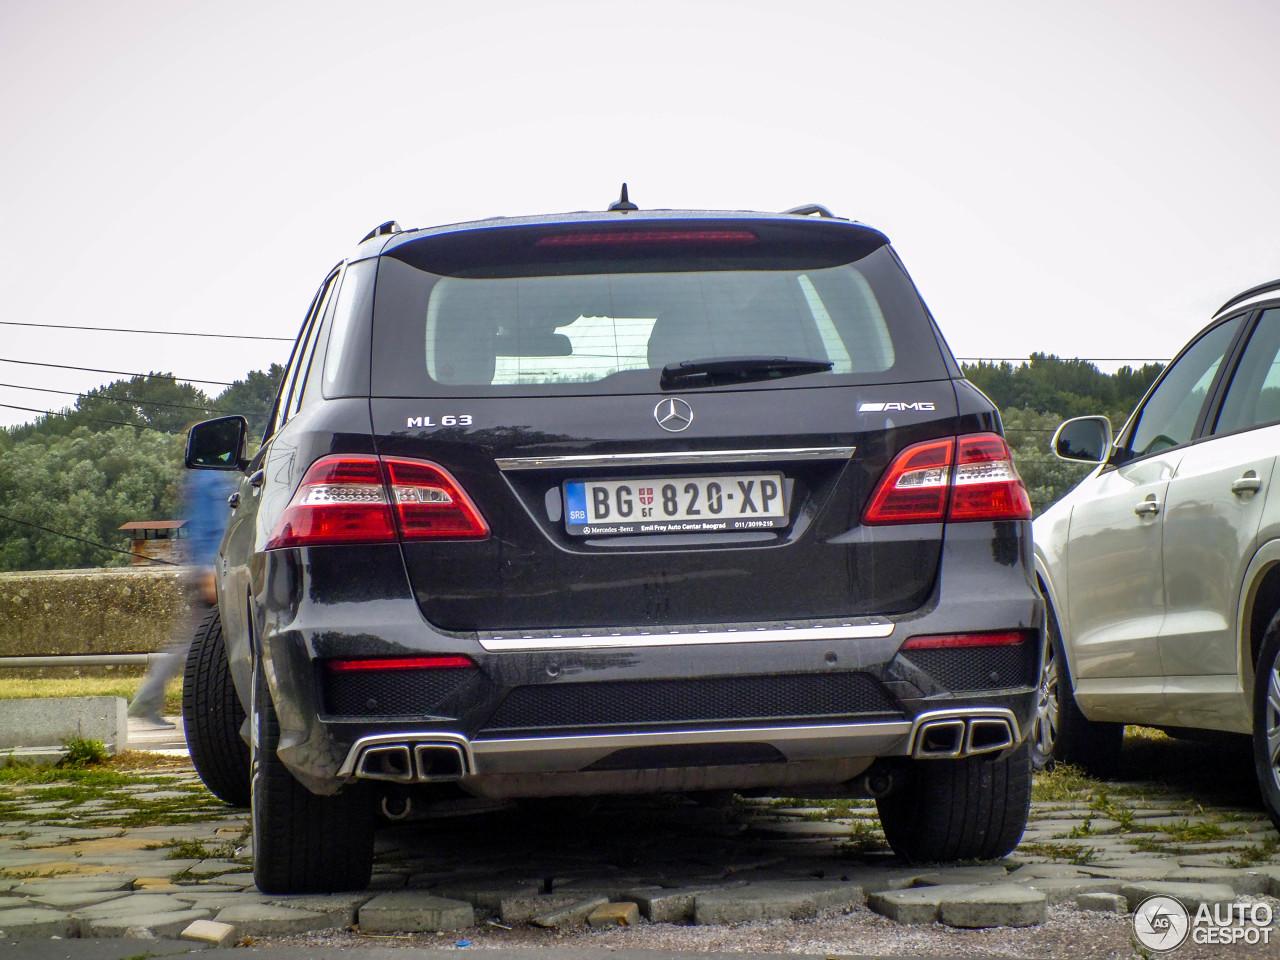 Mercedes benz ml 63 amg w166 14 august 2017 autogespot for Mercedes benz ml 63